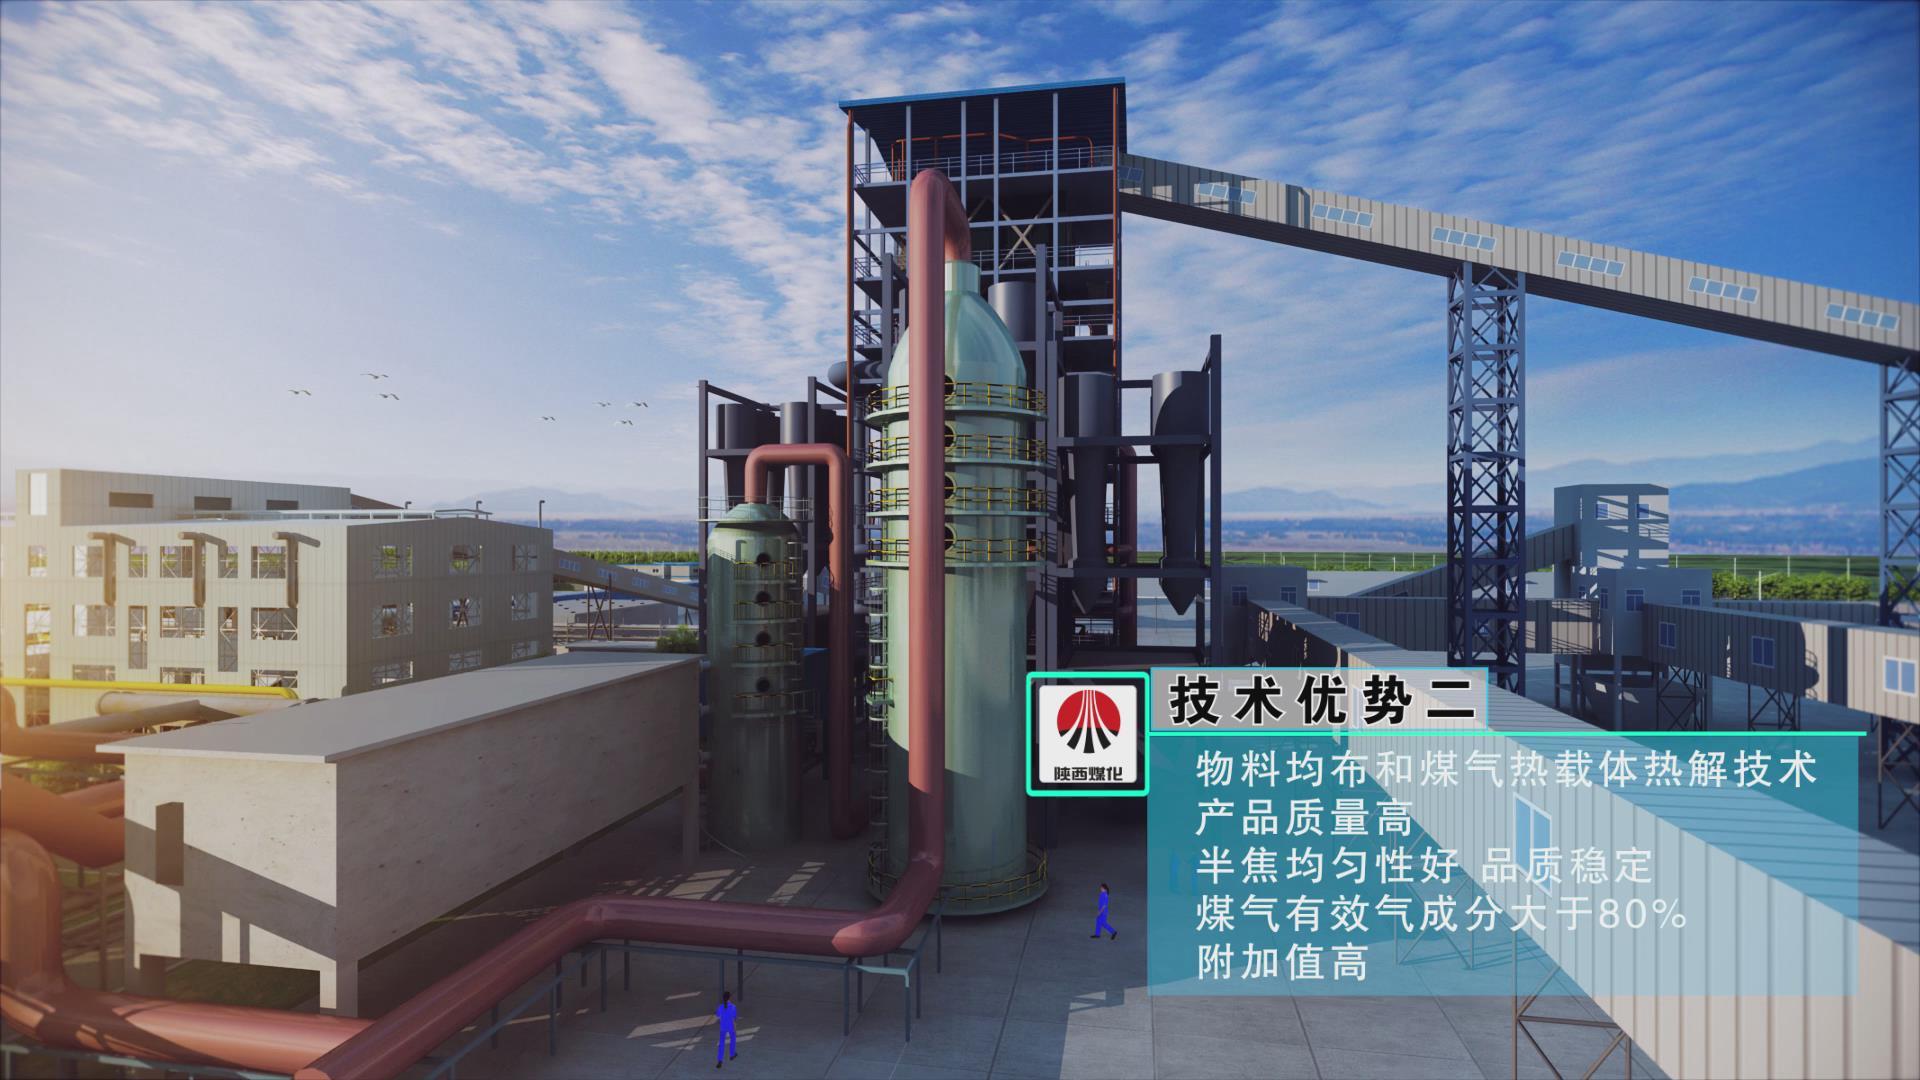 渭南宣傳片案例-山北礦業宣傳片